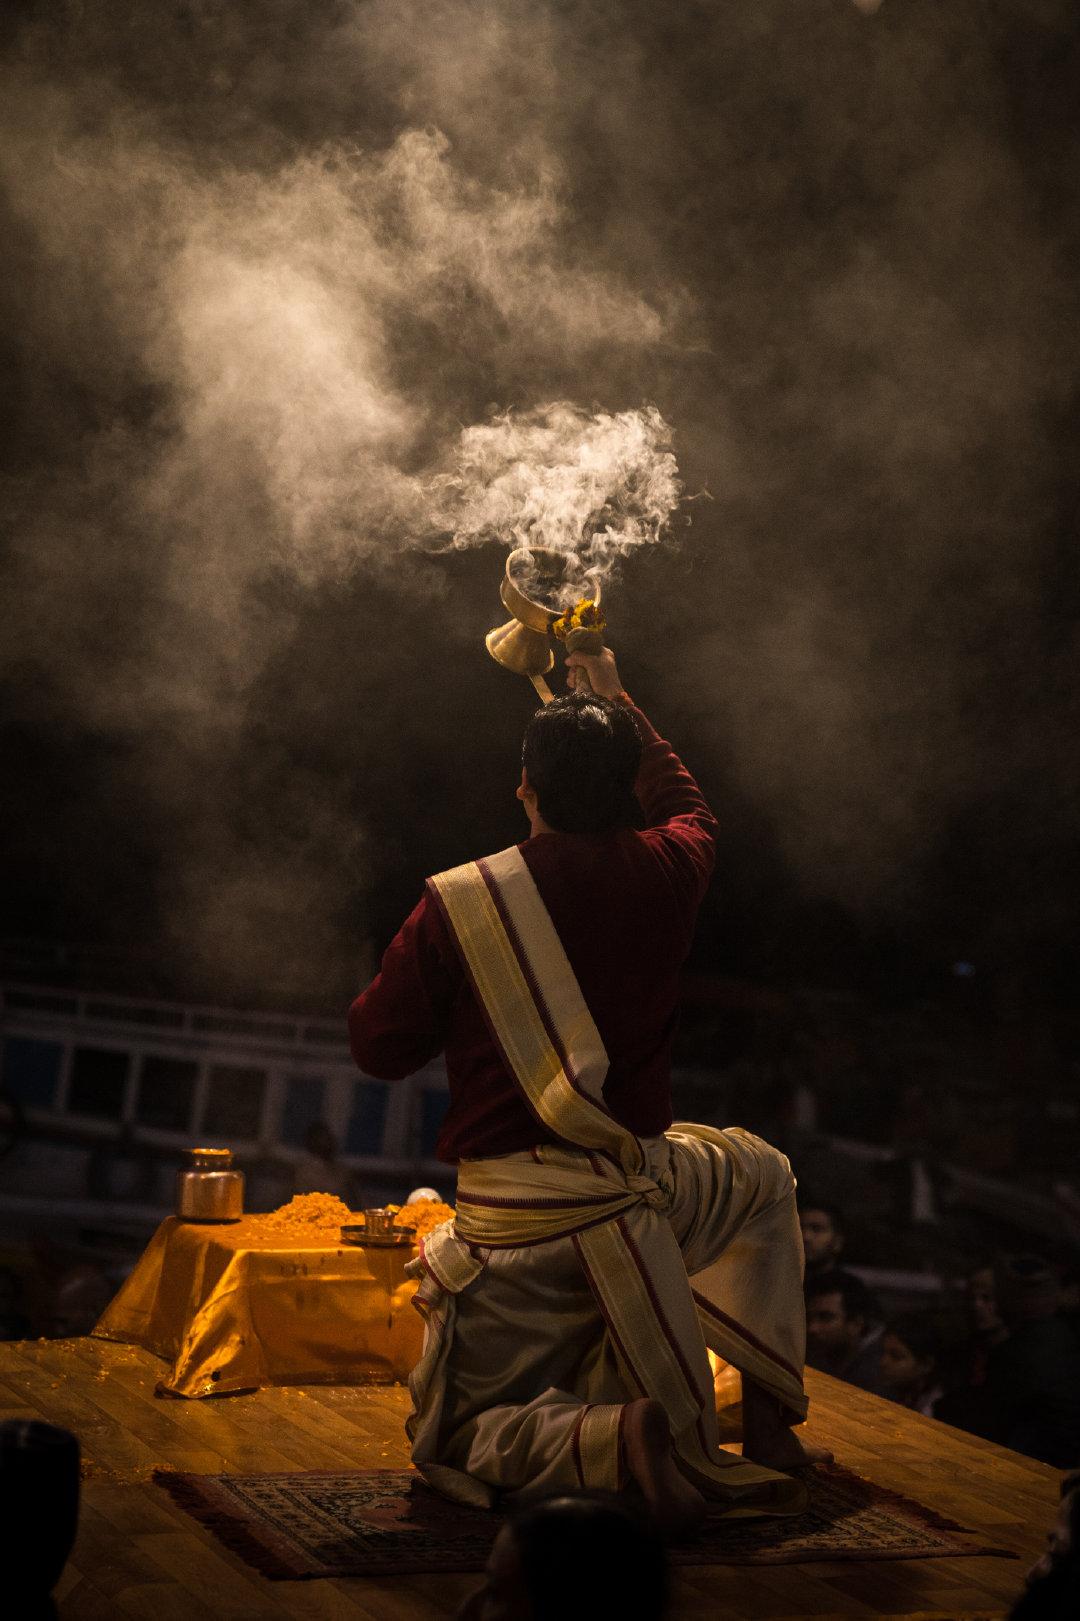 瓦拉纳希是印度最古老的圣城,也是信徒在恒河获得救赎的归属